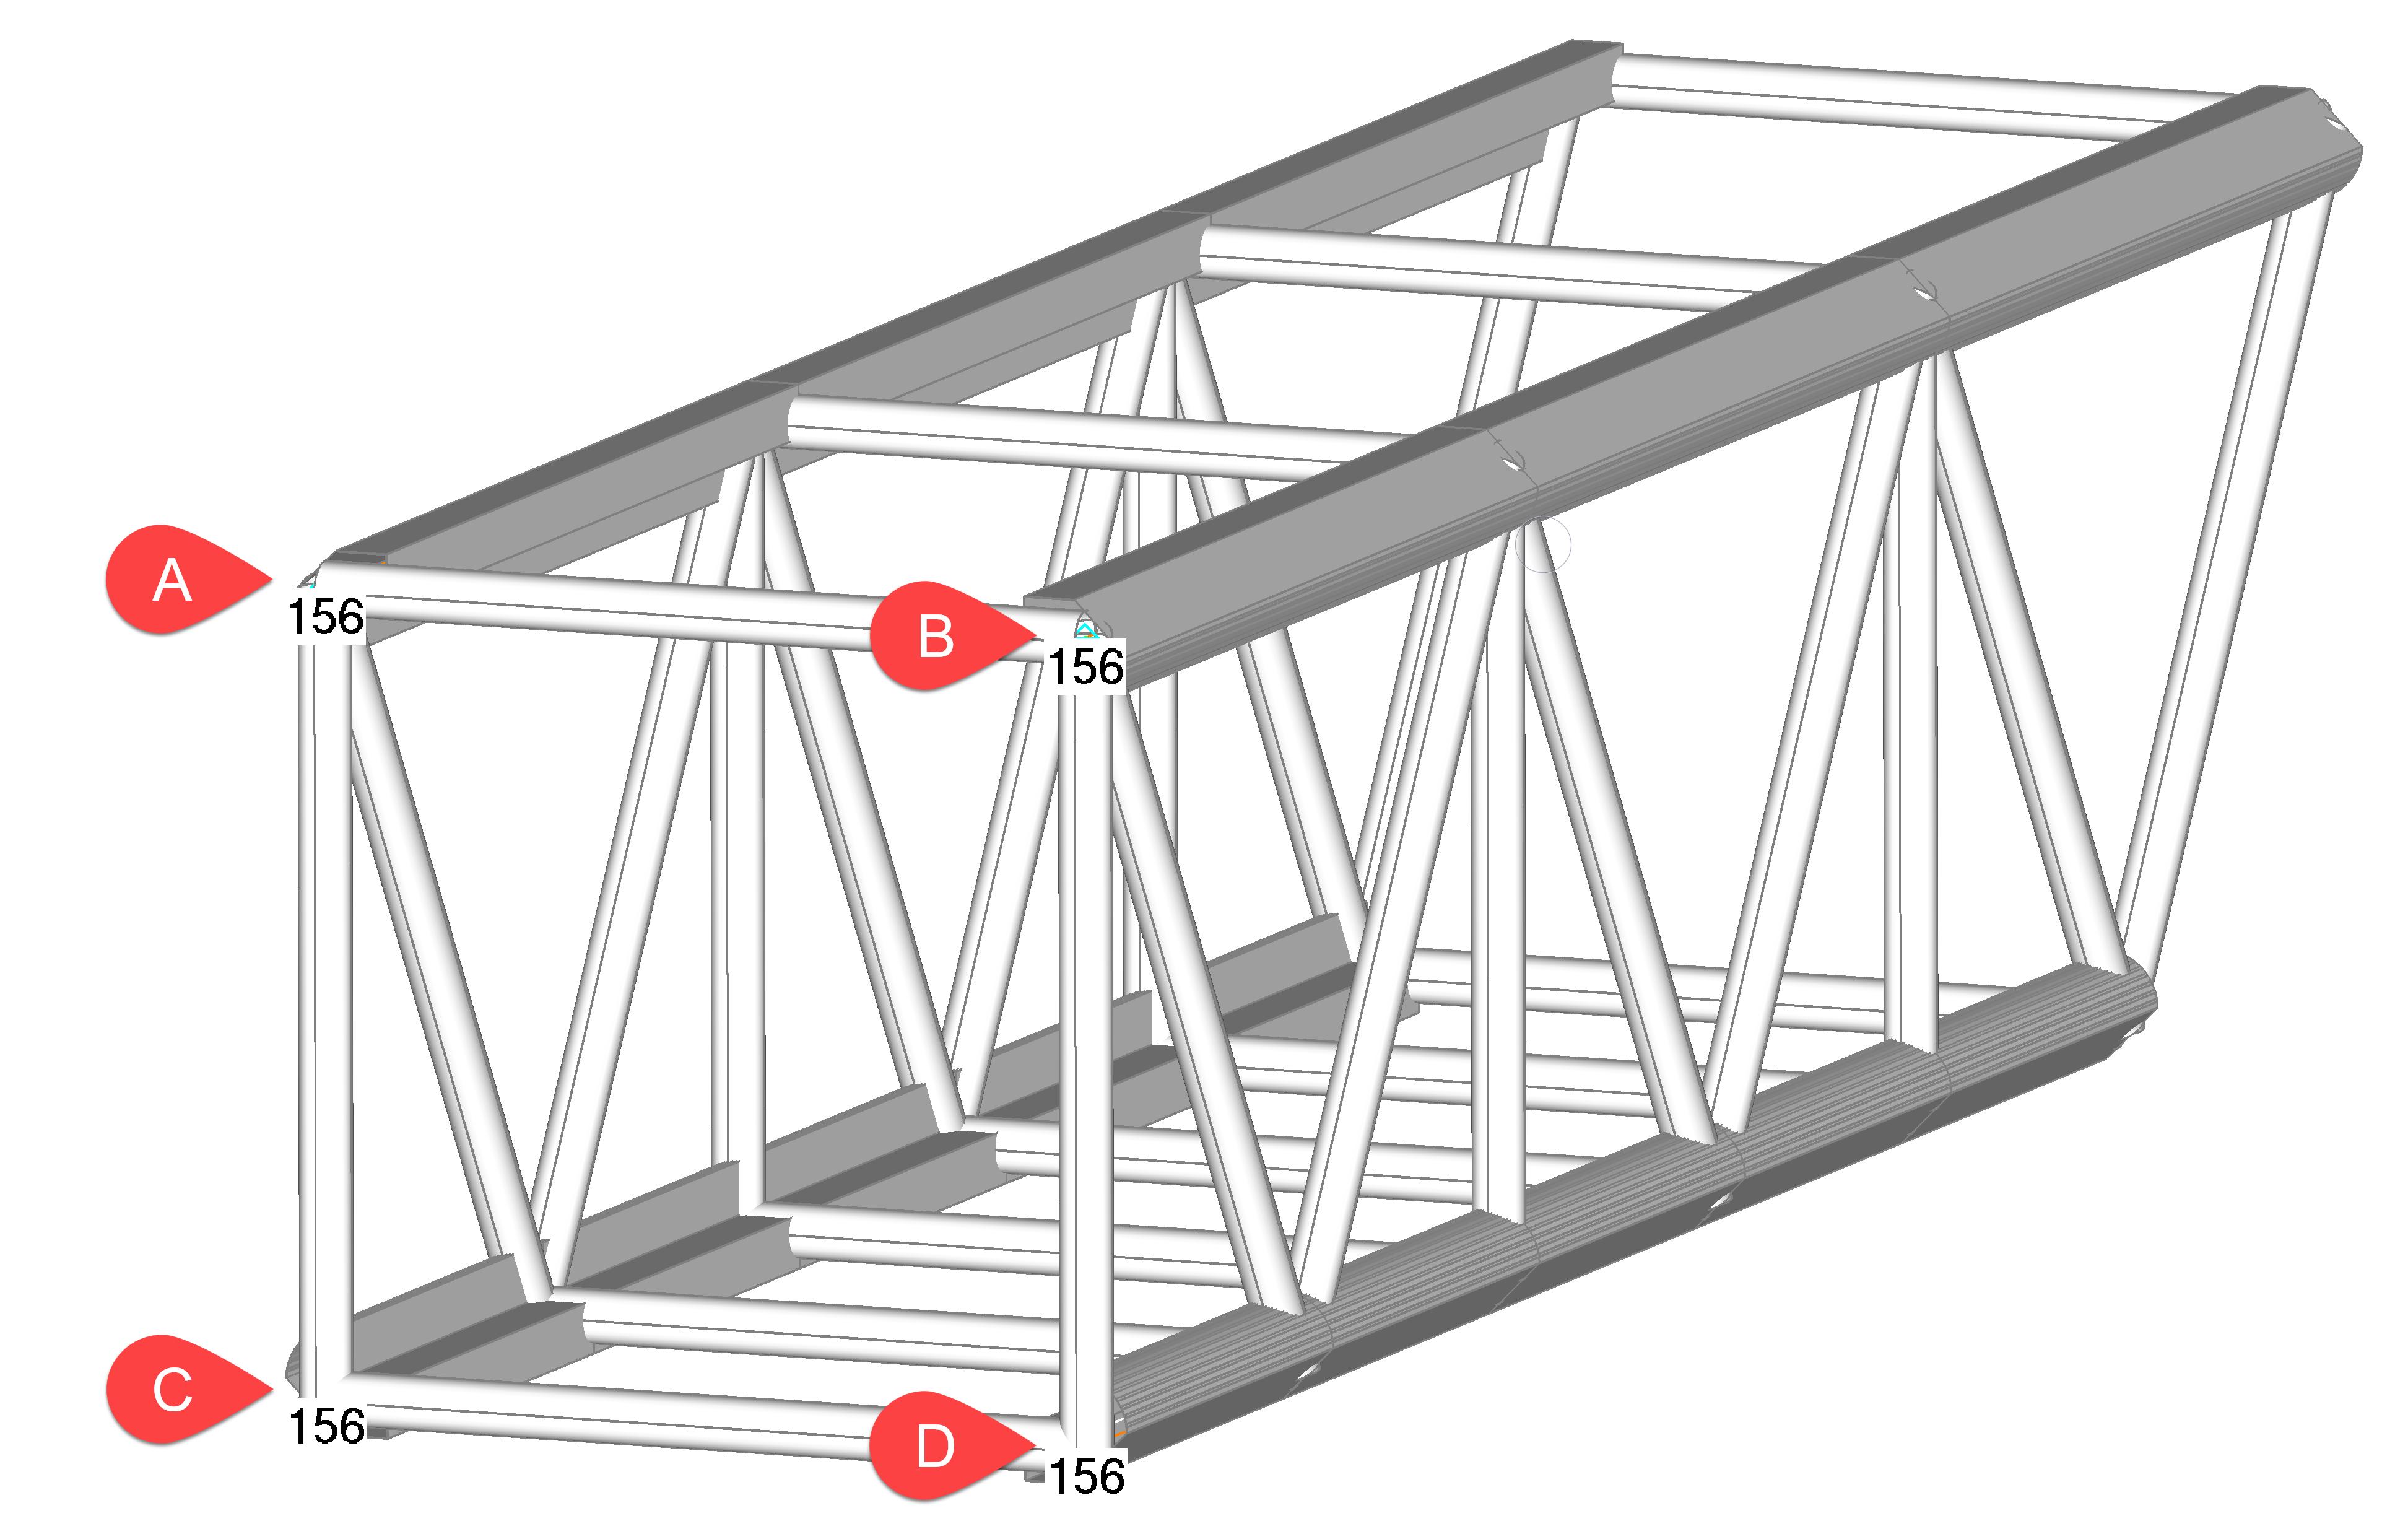 Femap NX Nastran Моделирование симметрии фермы и фиксация модели